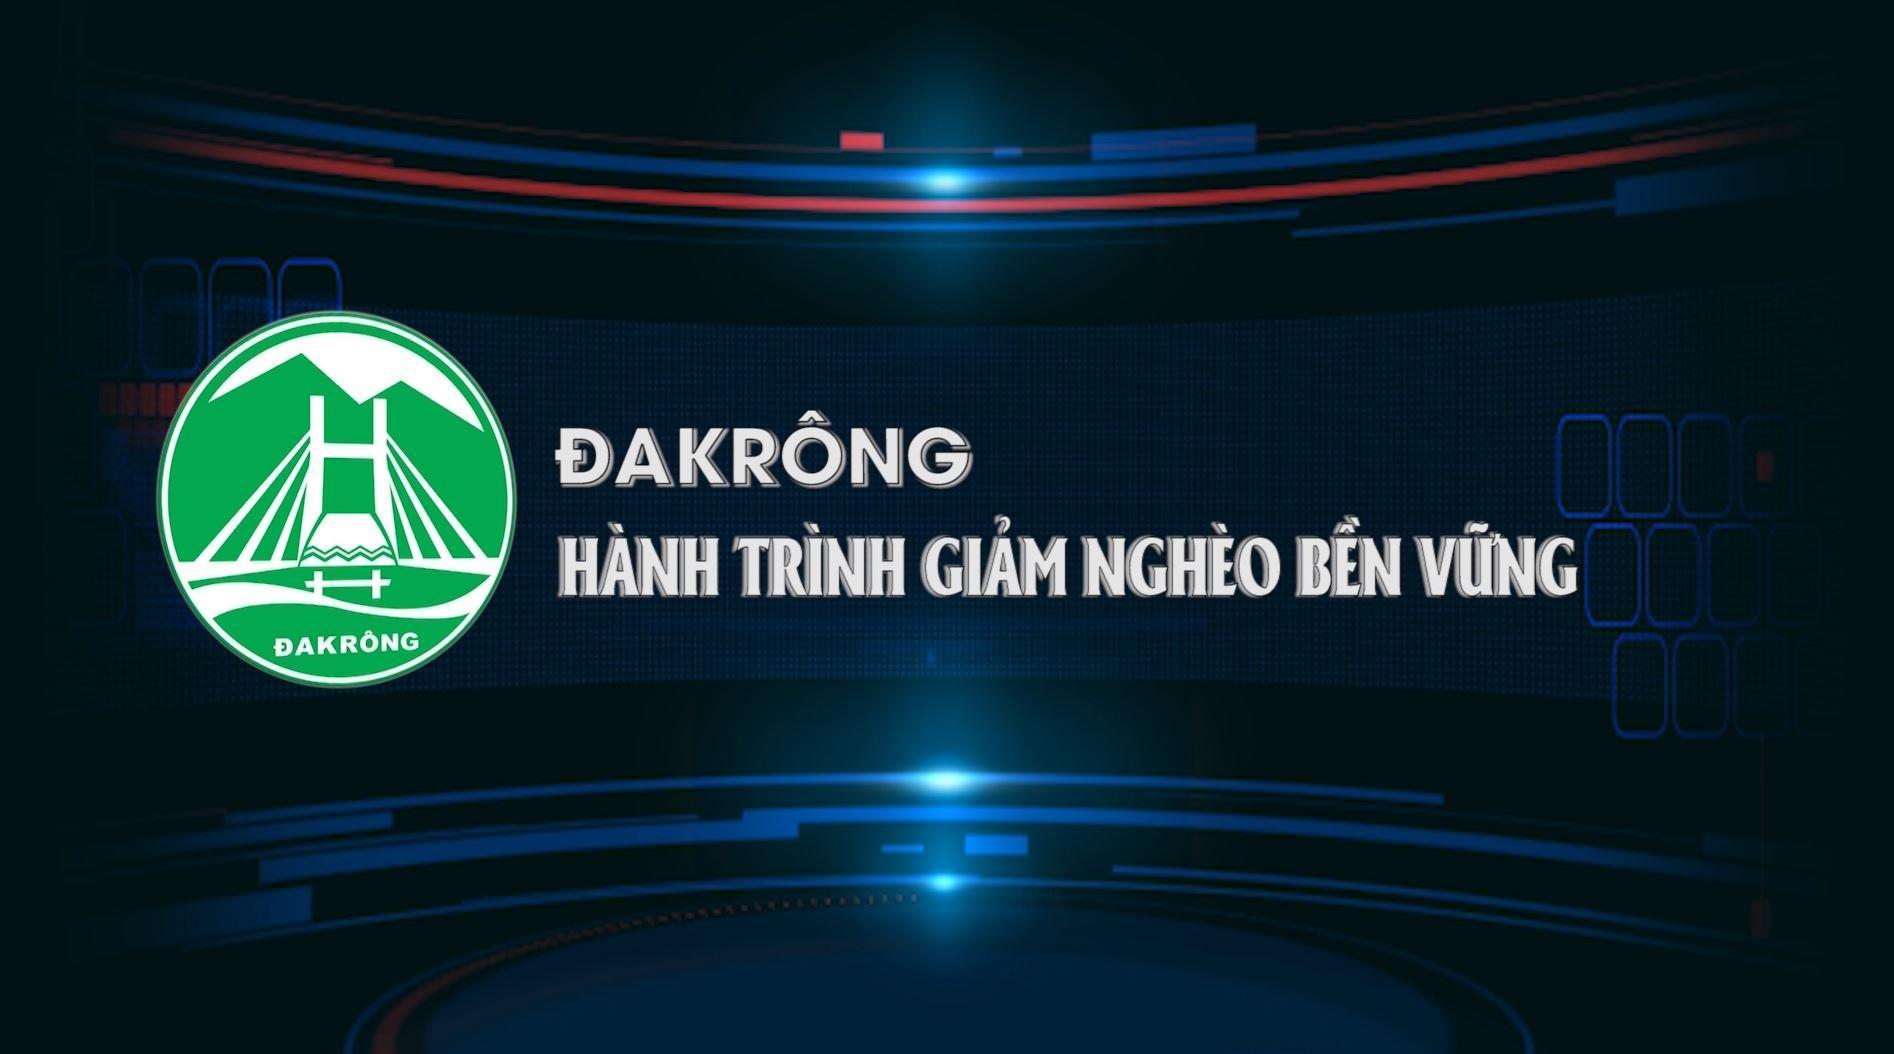 Chủ tịch UBND tỉnh kiểm tra dự án cầu sông Hiếu và đường hai đầu cầu và dự án kè hai bên sông Hiếu